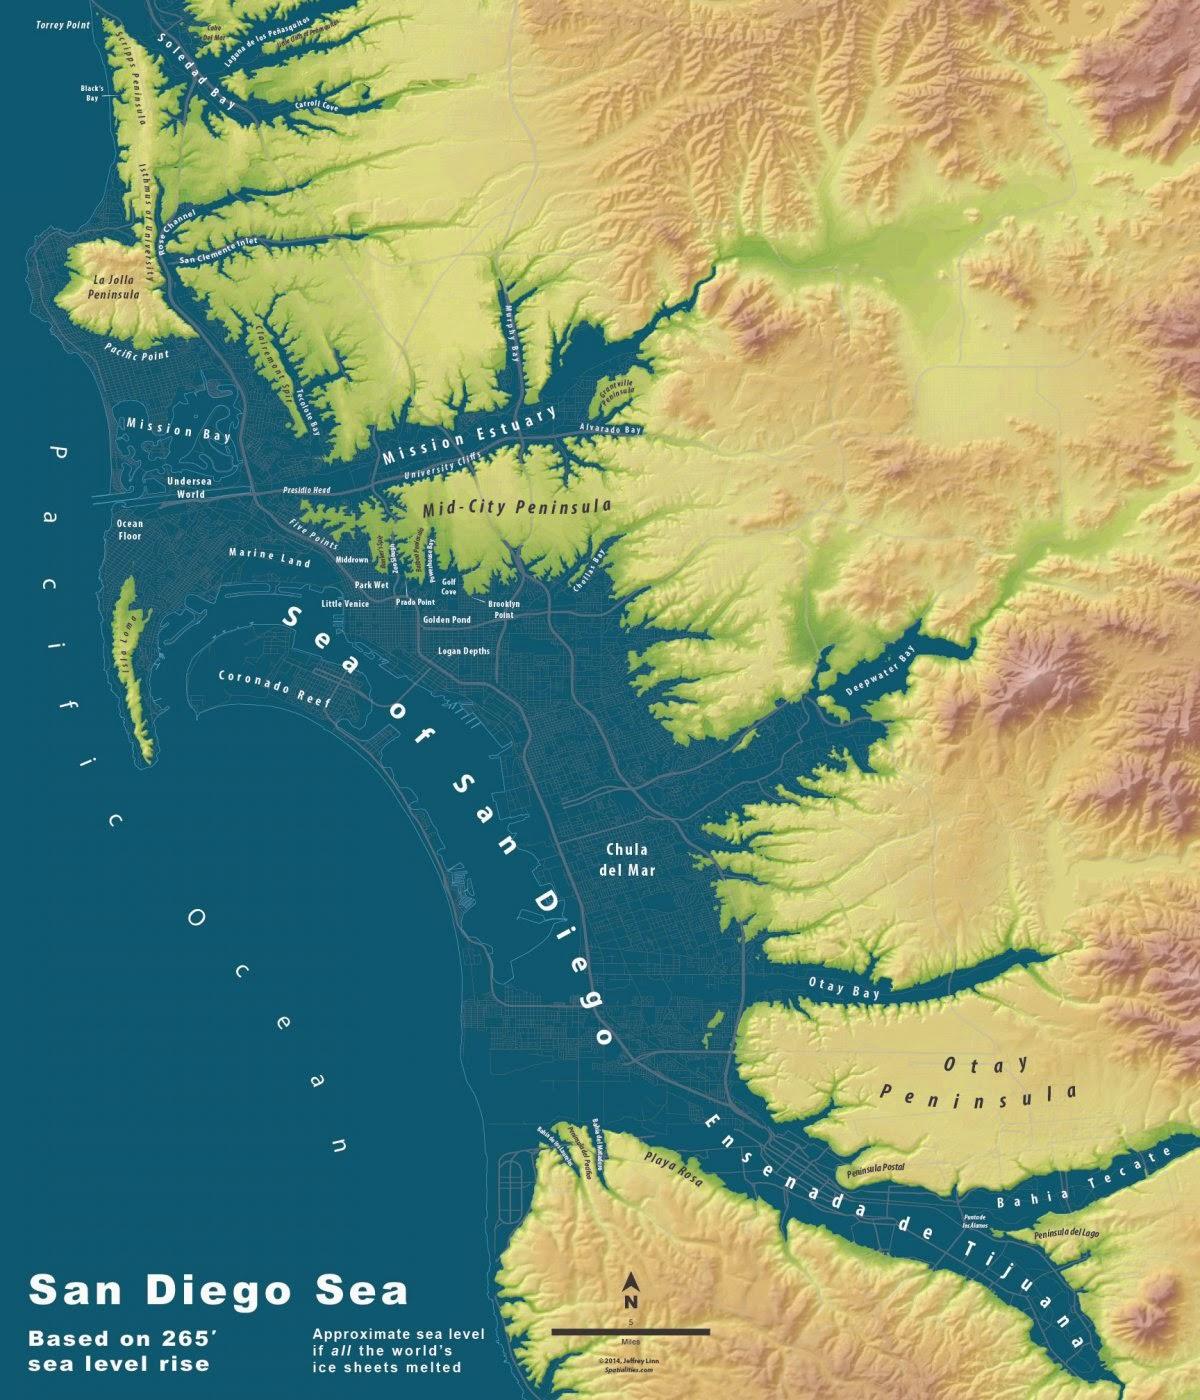 San Diego Sea